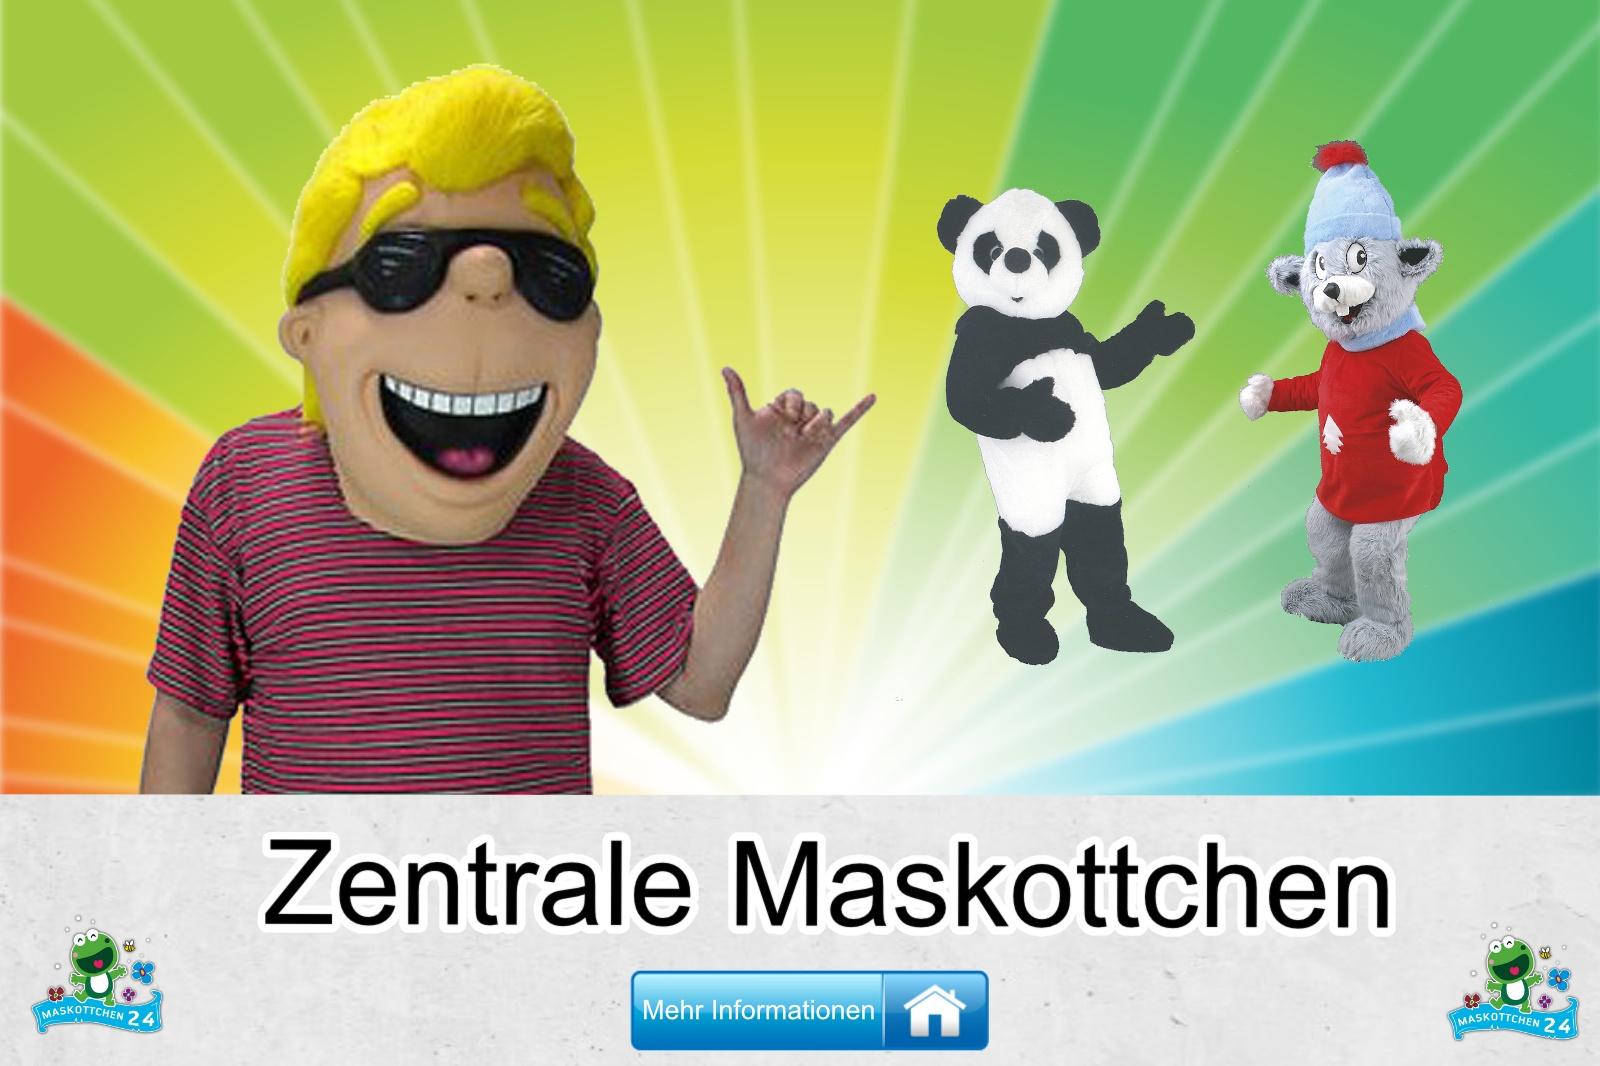 Zentrale Maskottchen Kostüm kaufen